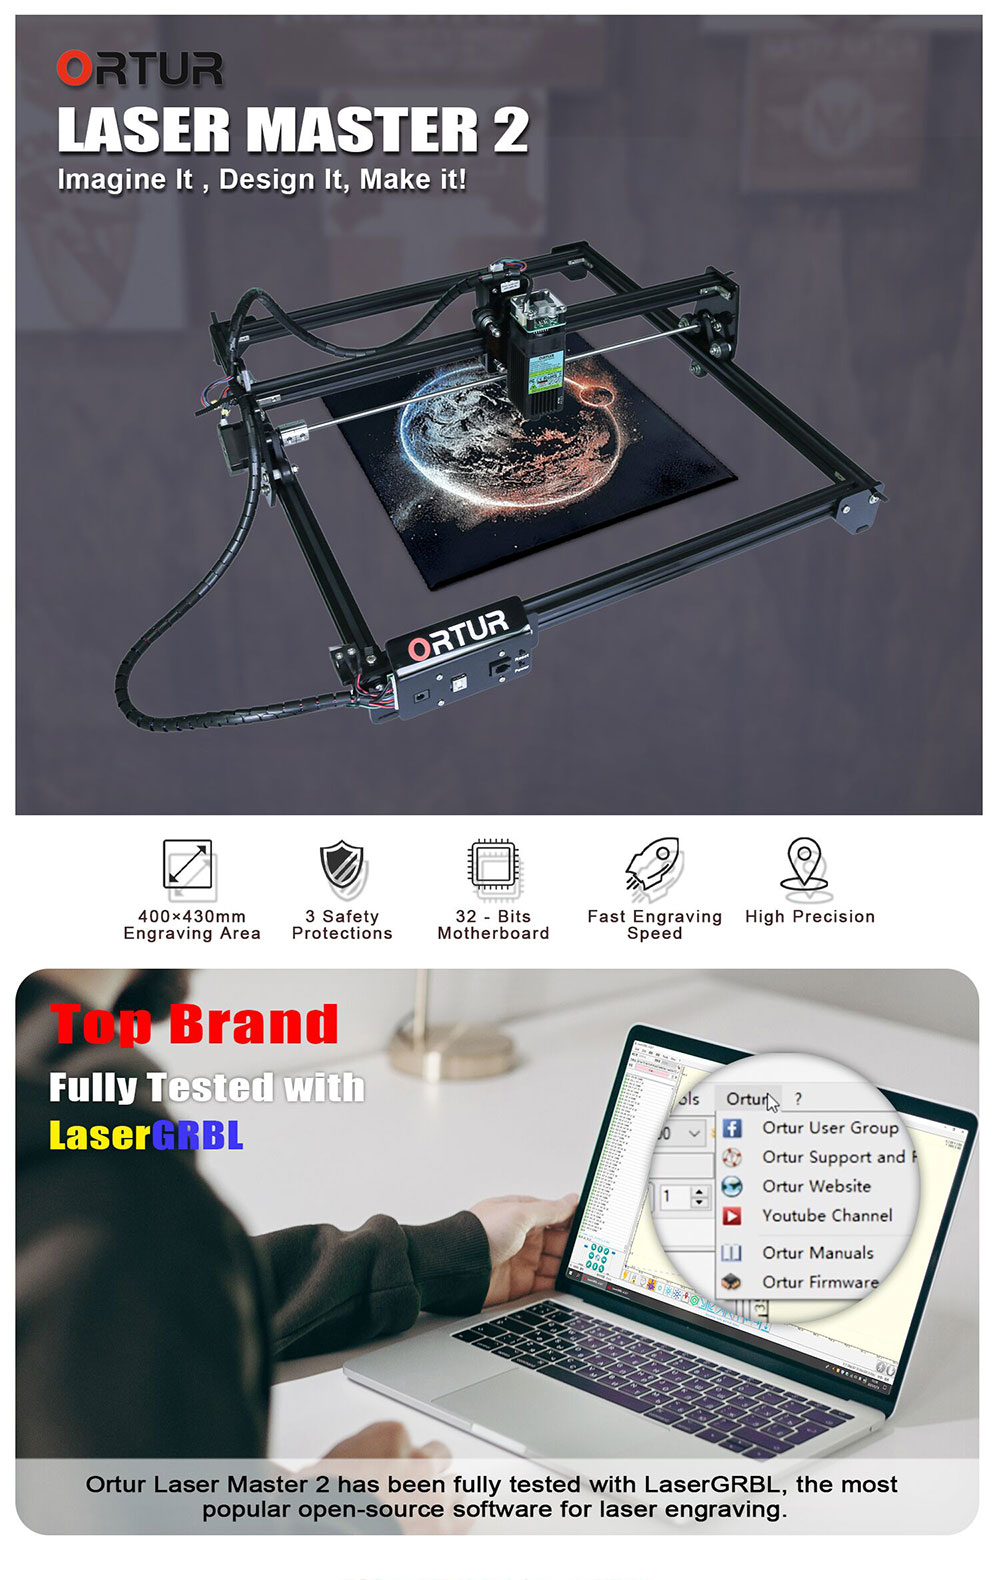 Hfc65778d71b542059346ec5248e9d7e1j Gravare / taiere laser Ortur Laser Master 2, 400x430 mm